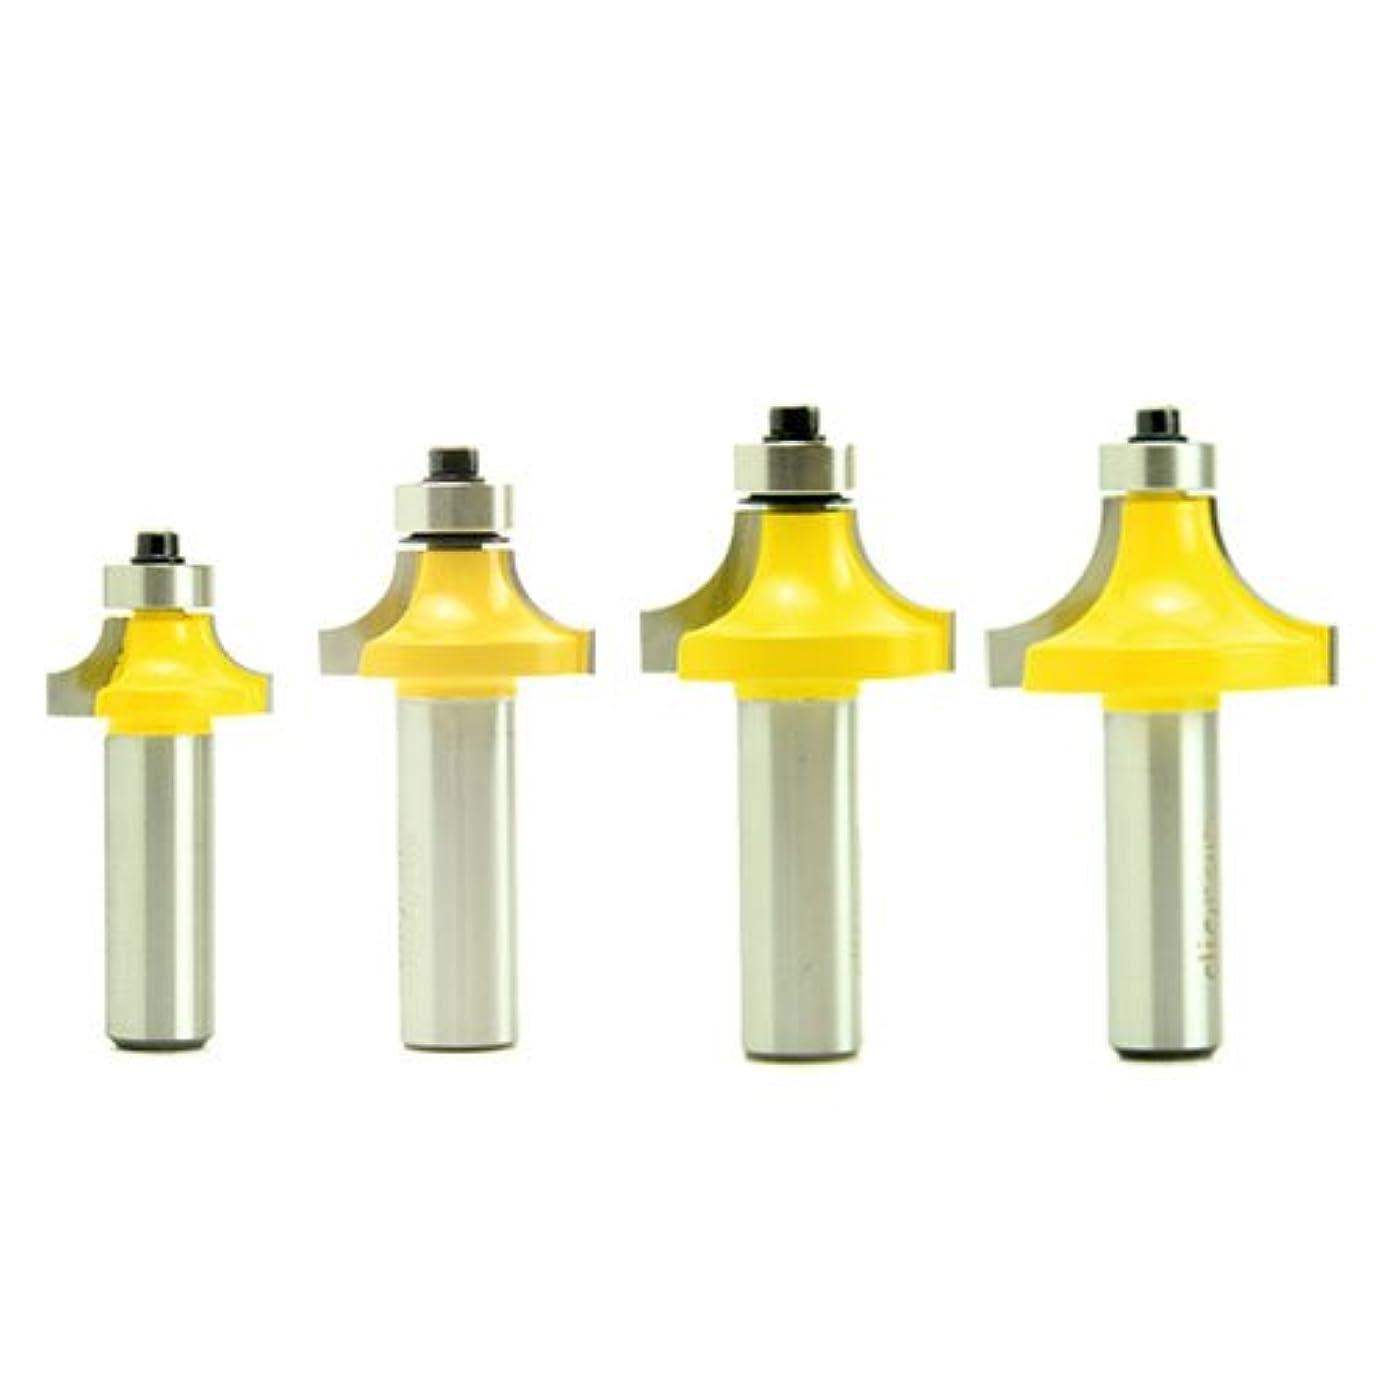 売り手ジュニアスズメバチdms09602 丸面スペシャルベアリング12.7mm 4組セット1/2ルータービットMicrotungsten carbide